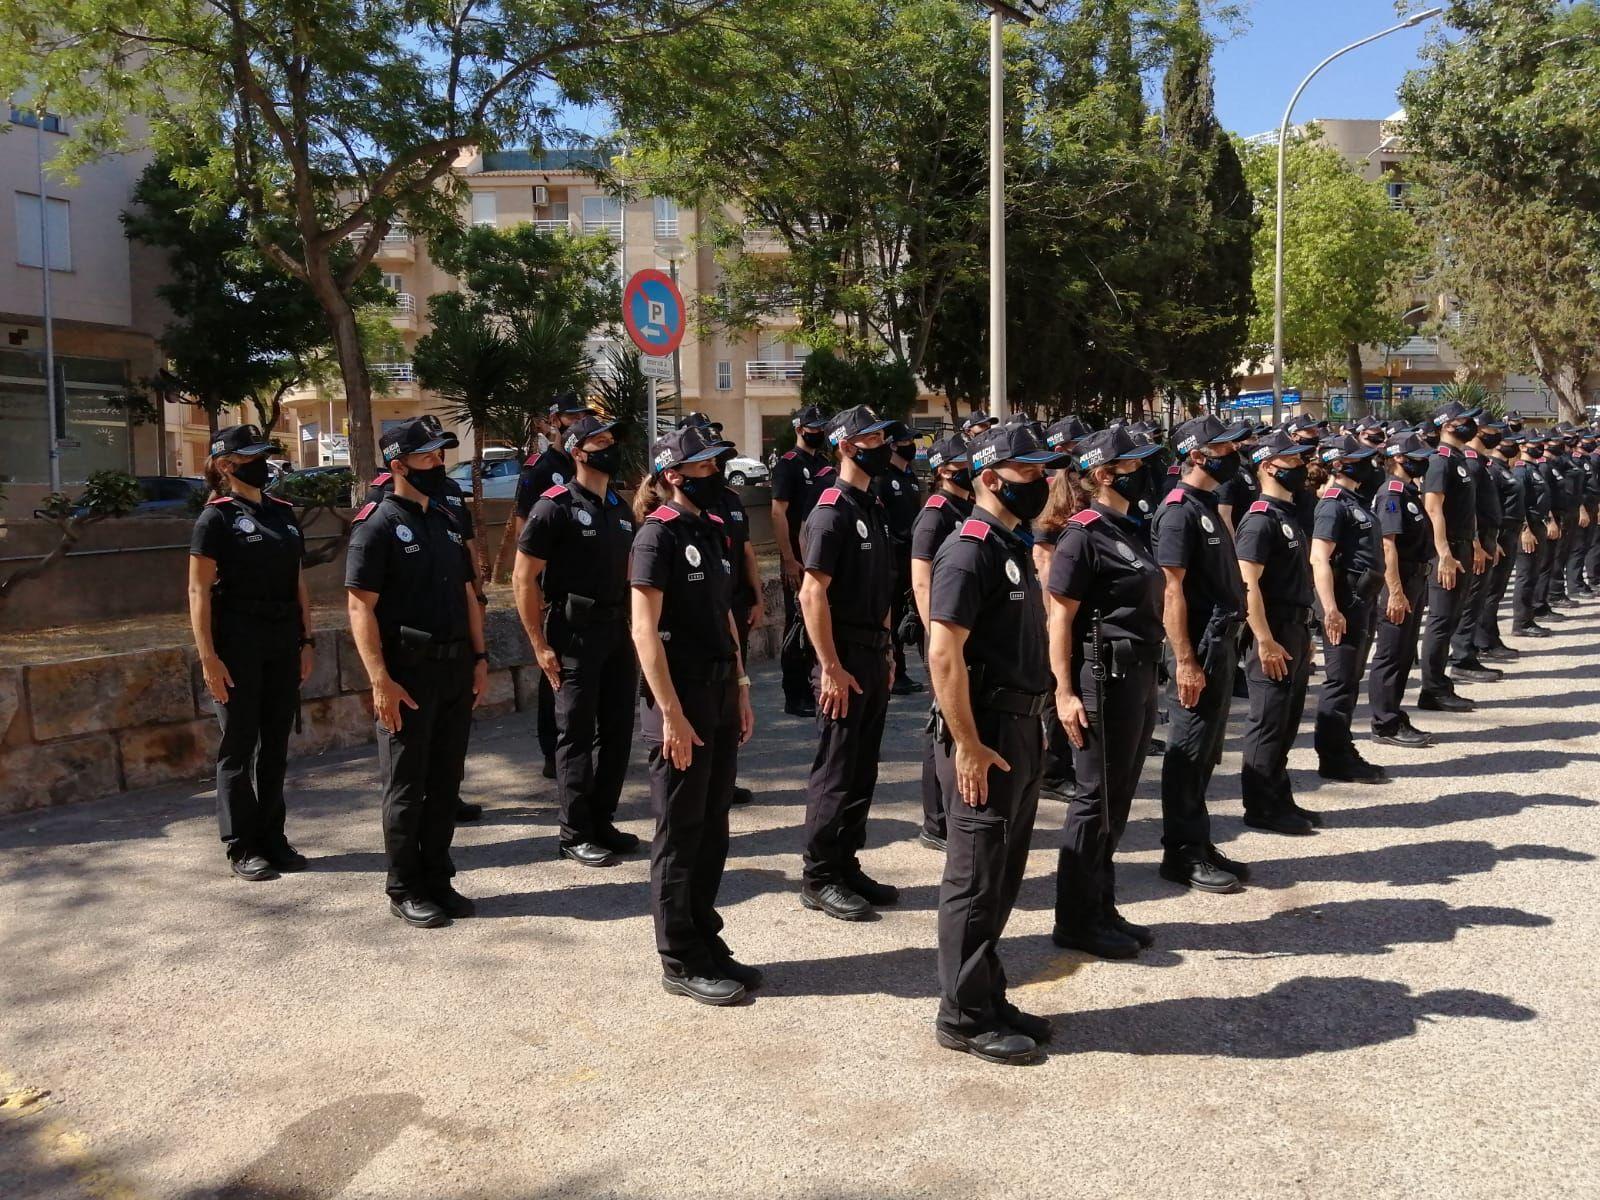 Presentan a un centenar de agentes en prácticas de la Policía Local de Palma